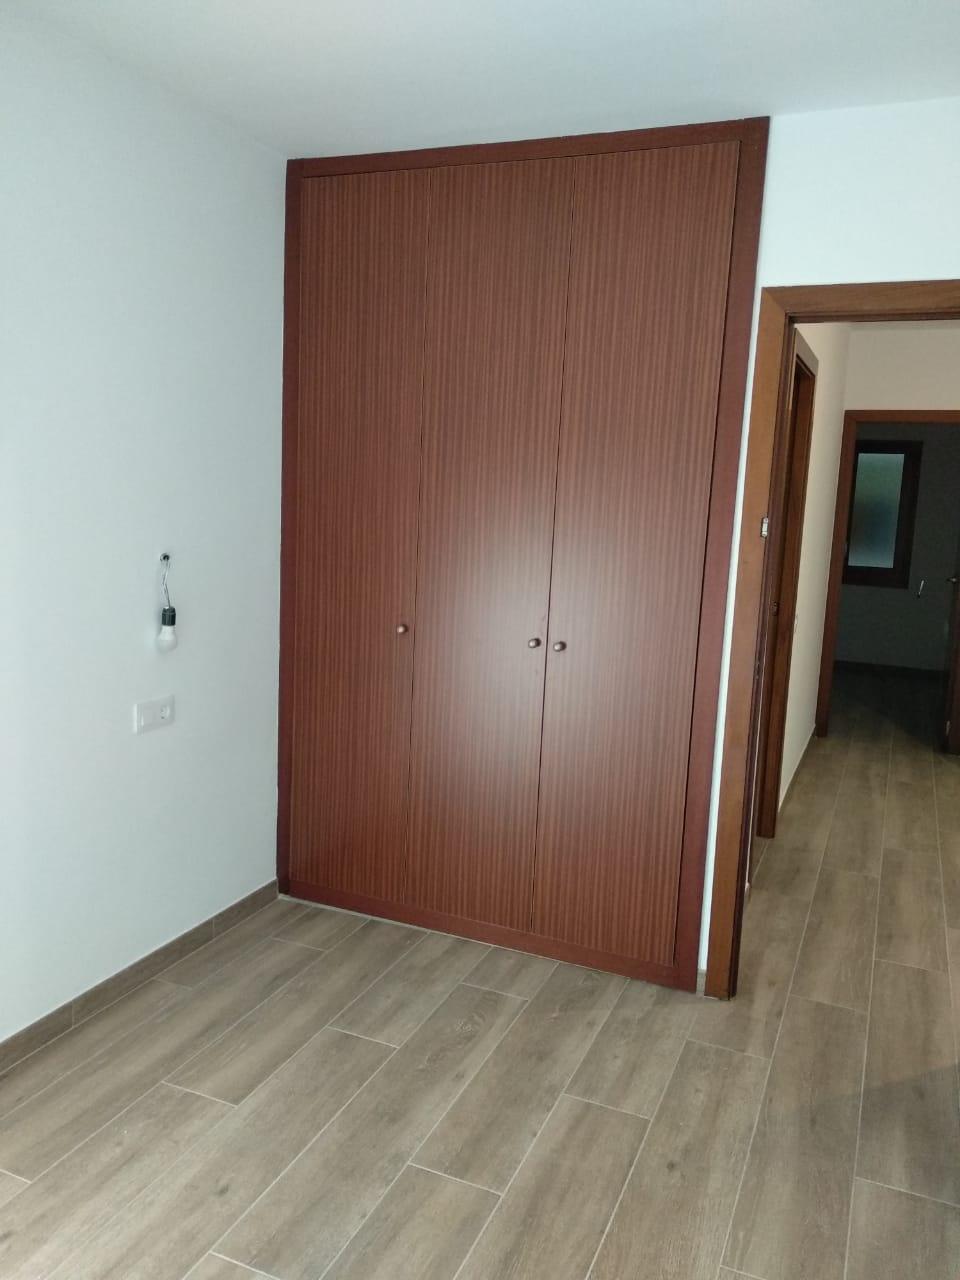 Pis de lloguer a Andorra la Vella, 2 habitacions